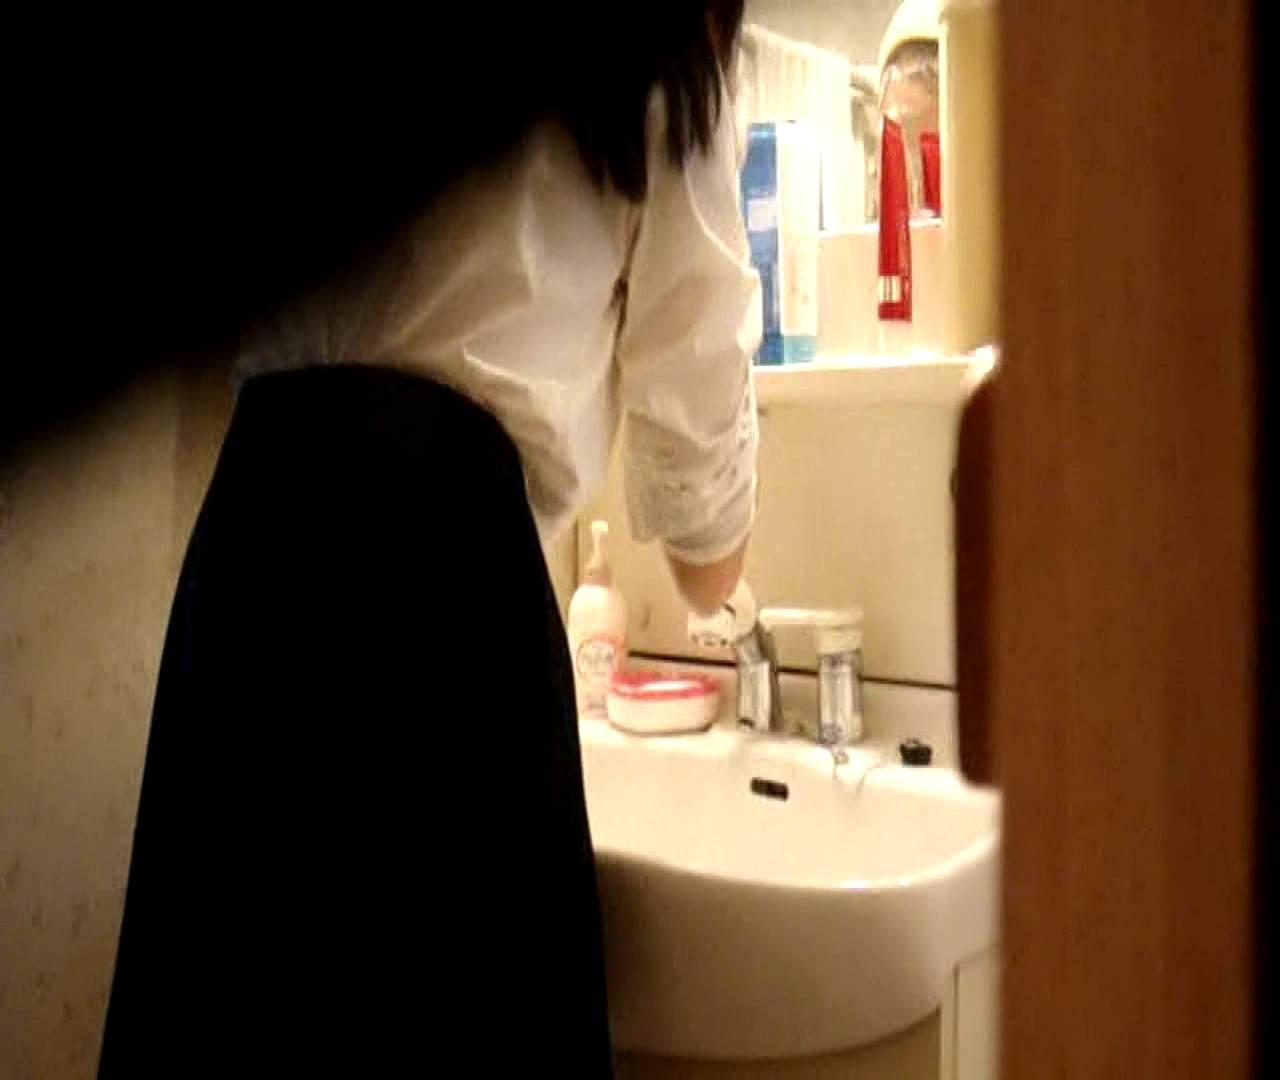 二人とも育てた甲斐がありました… vol.05 まどかが洗顔後にブラを洗濯 美しいOLの裸体 | 0  102pic 53